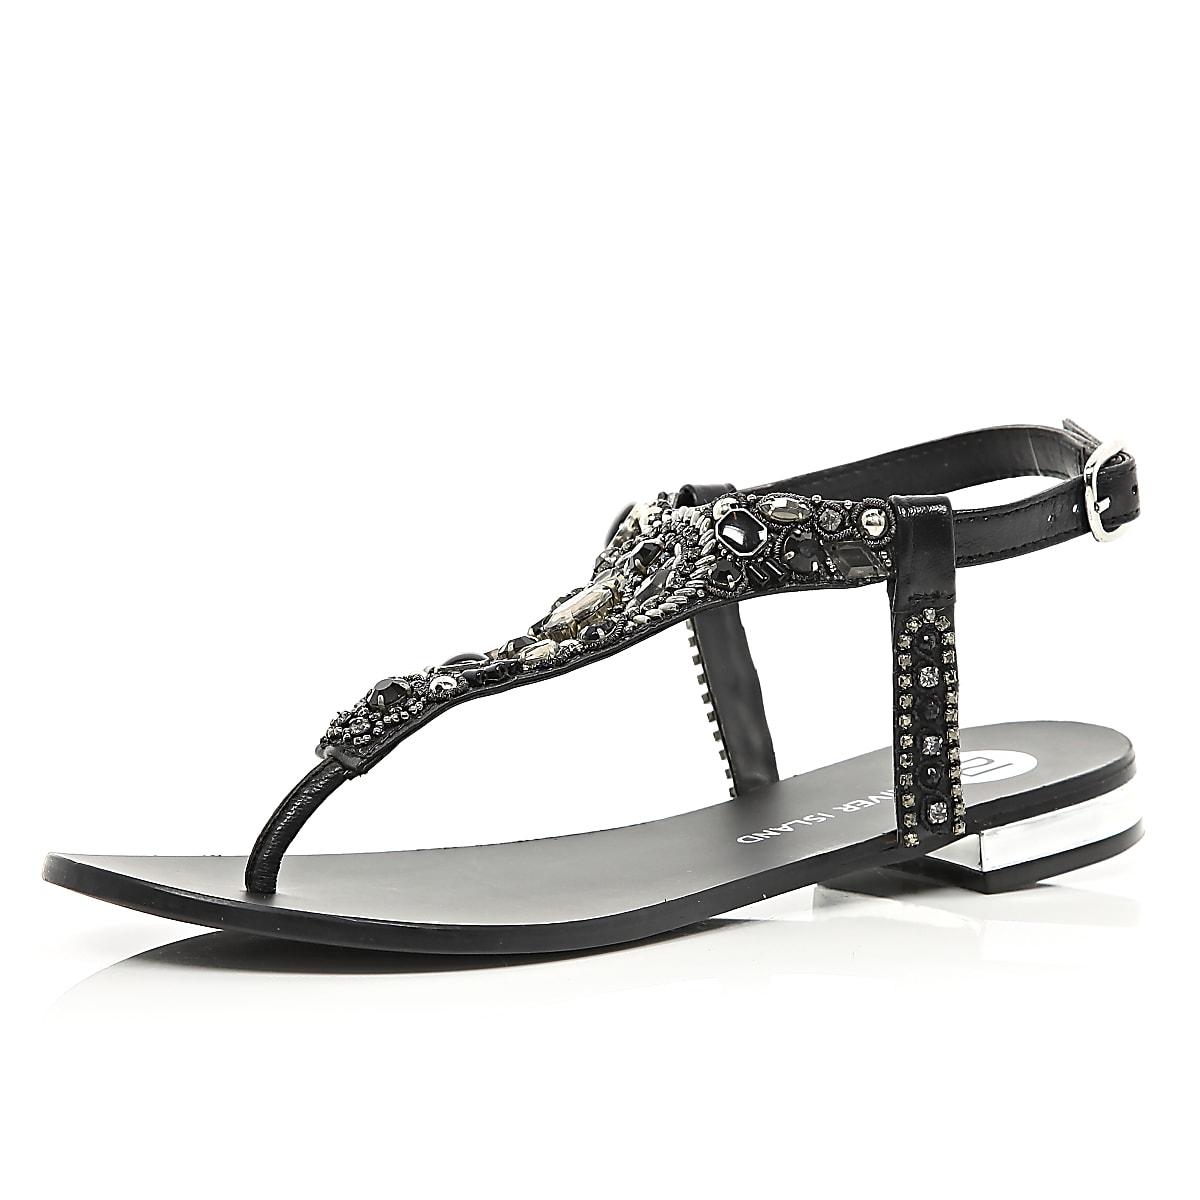 8935da789 Black gem stone embellished T bar sandals - Sandals - Shoes   Boots - women